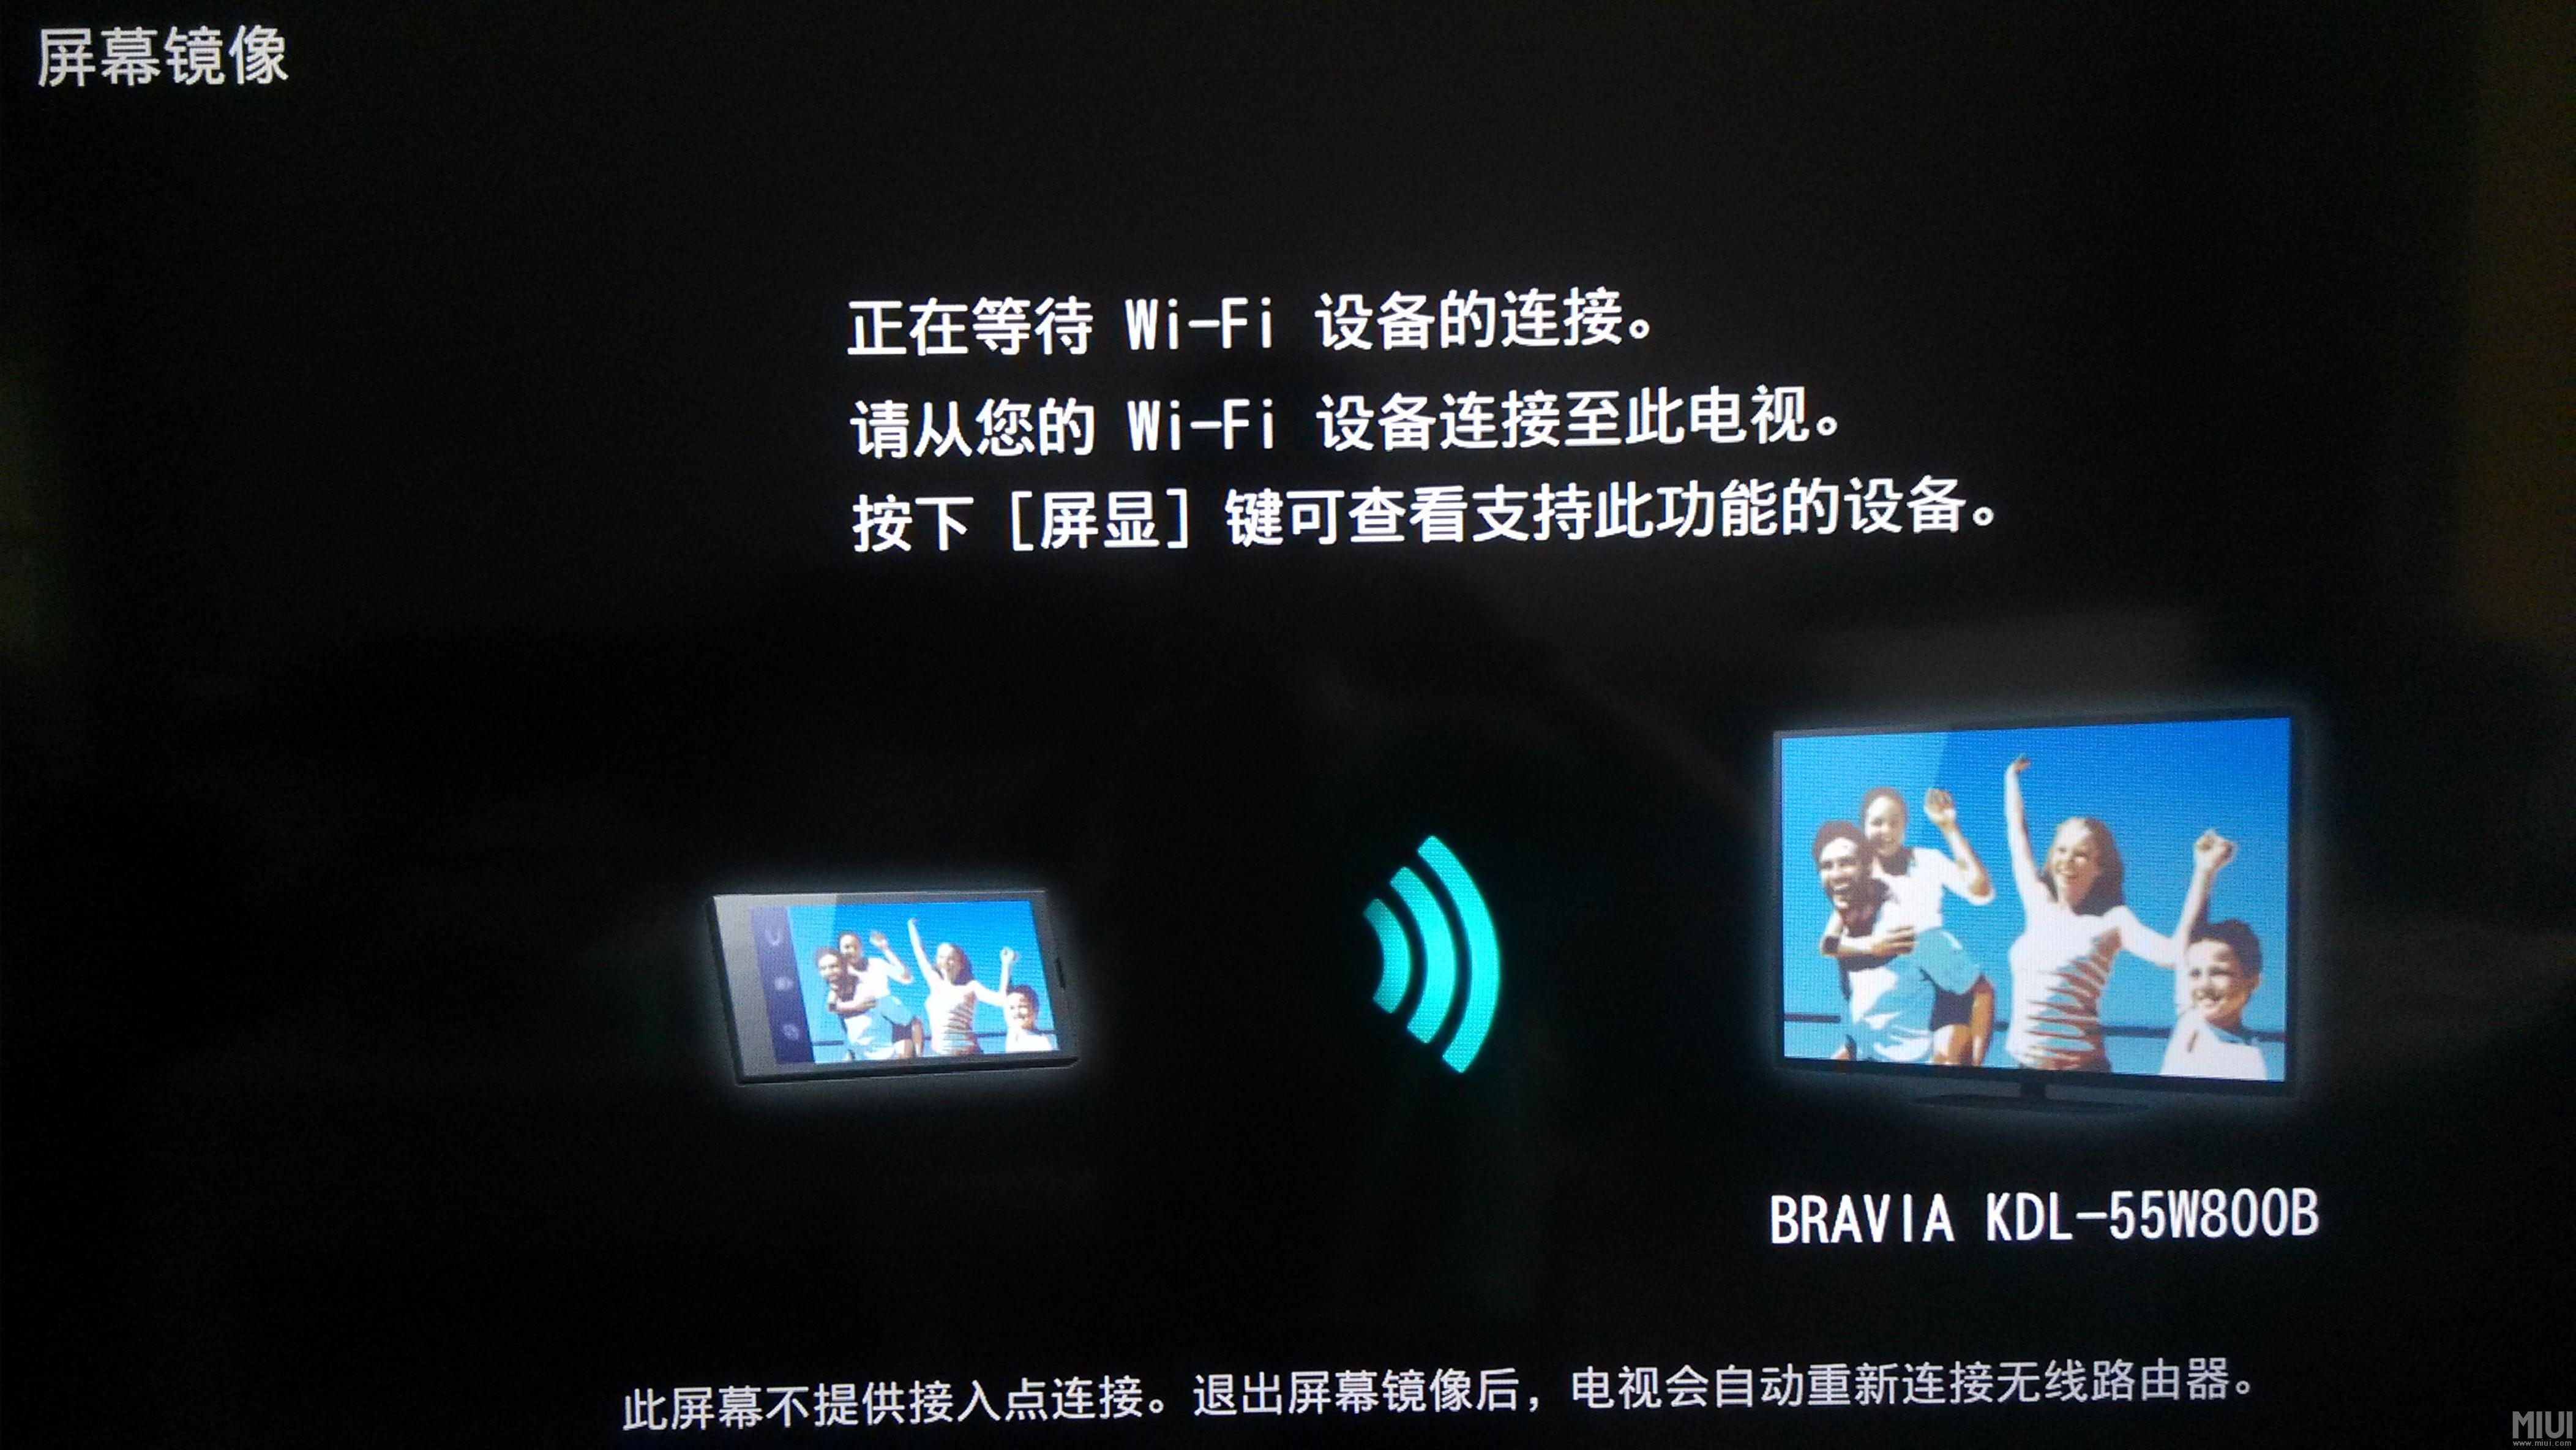 索尼电视怎么投屏不了?一直加载!无法播放视频